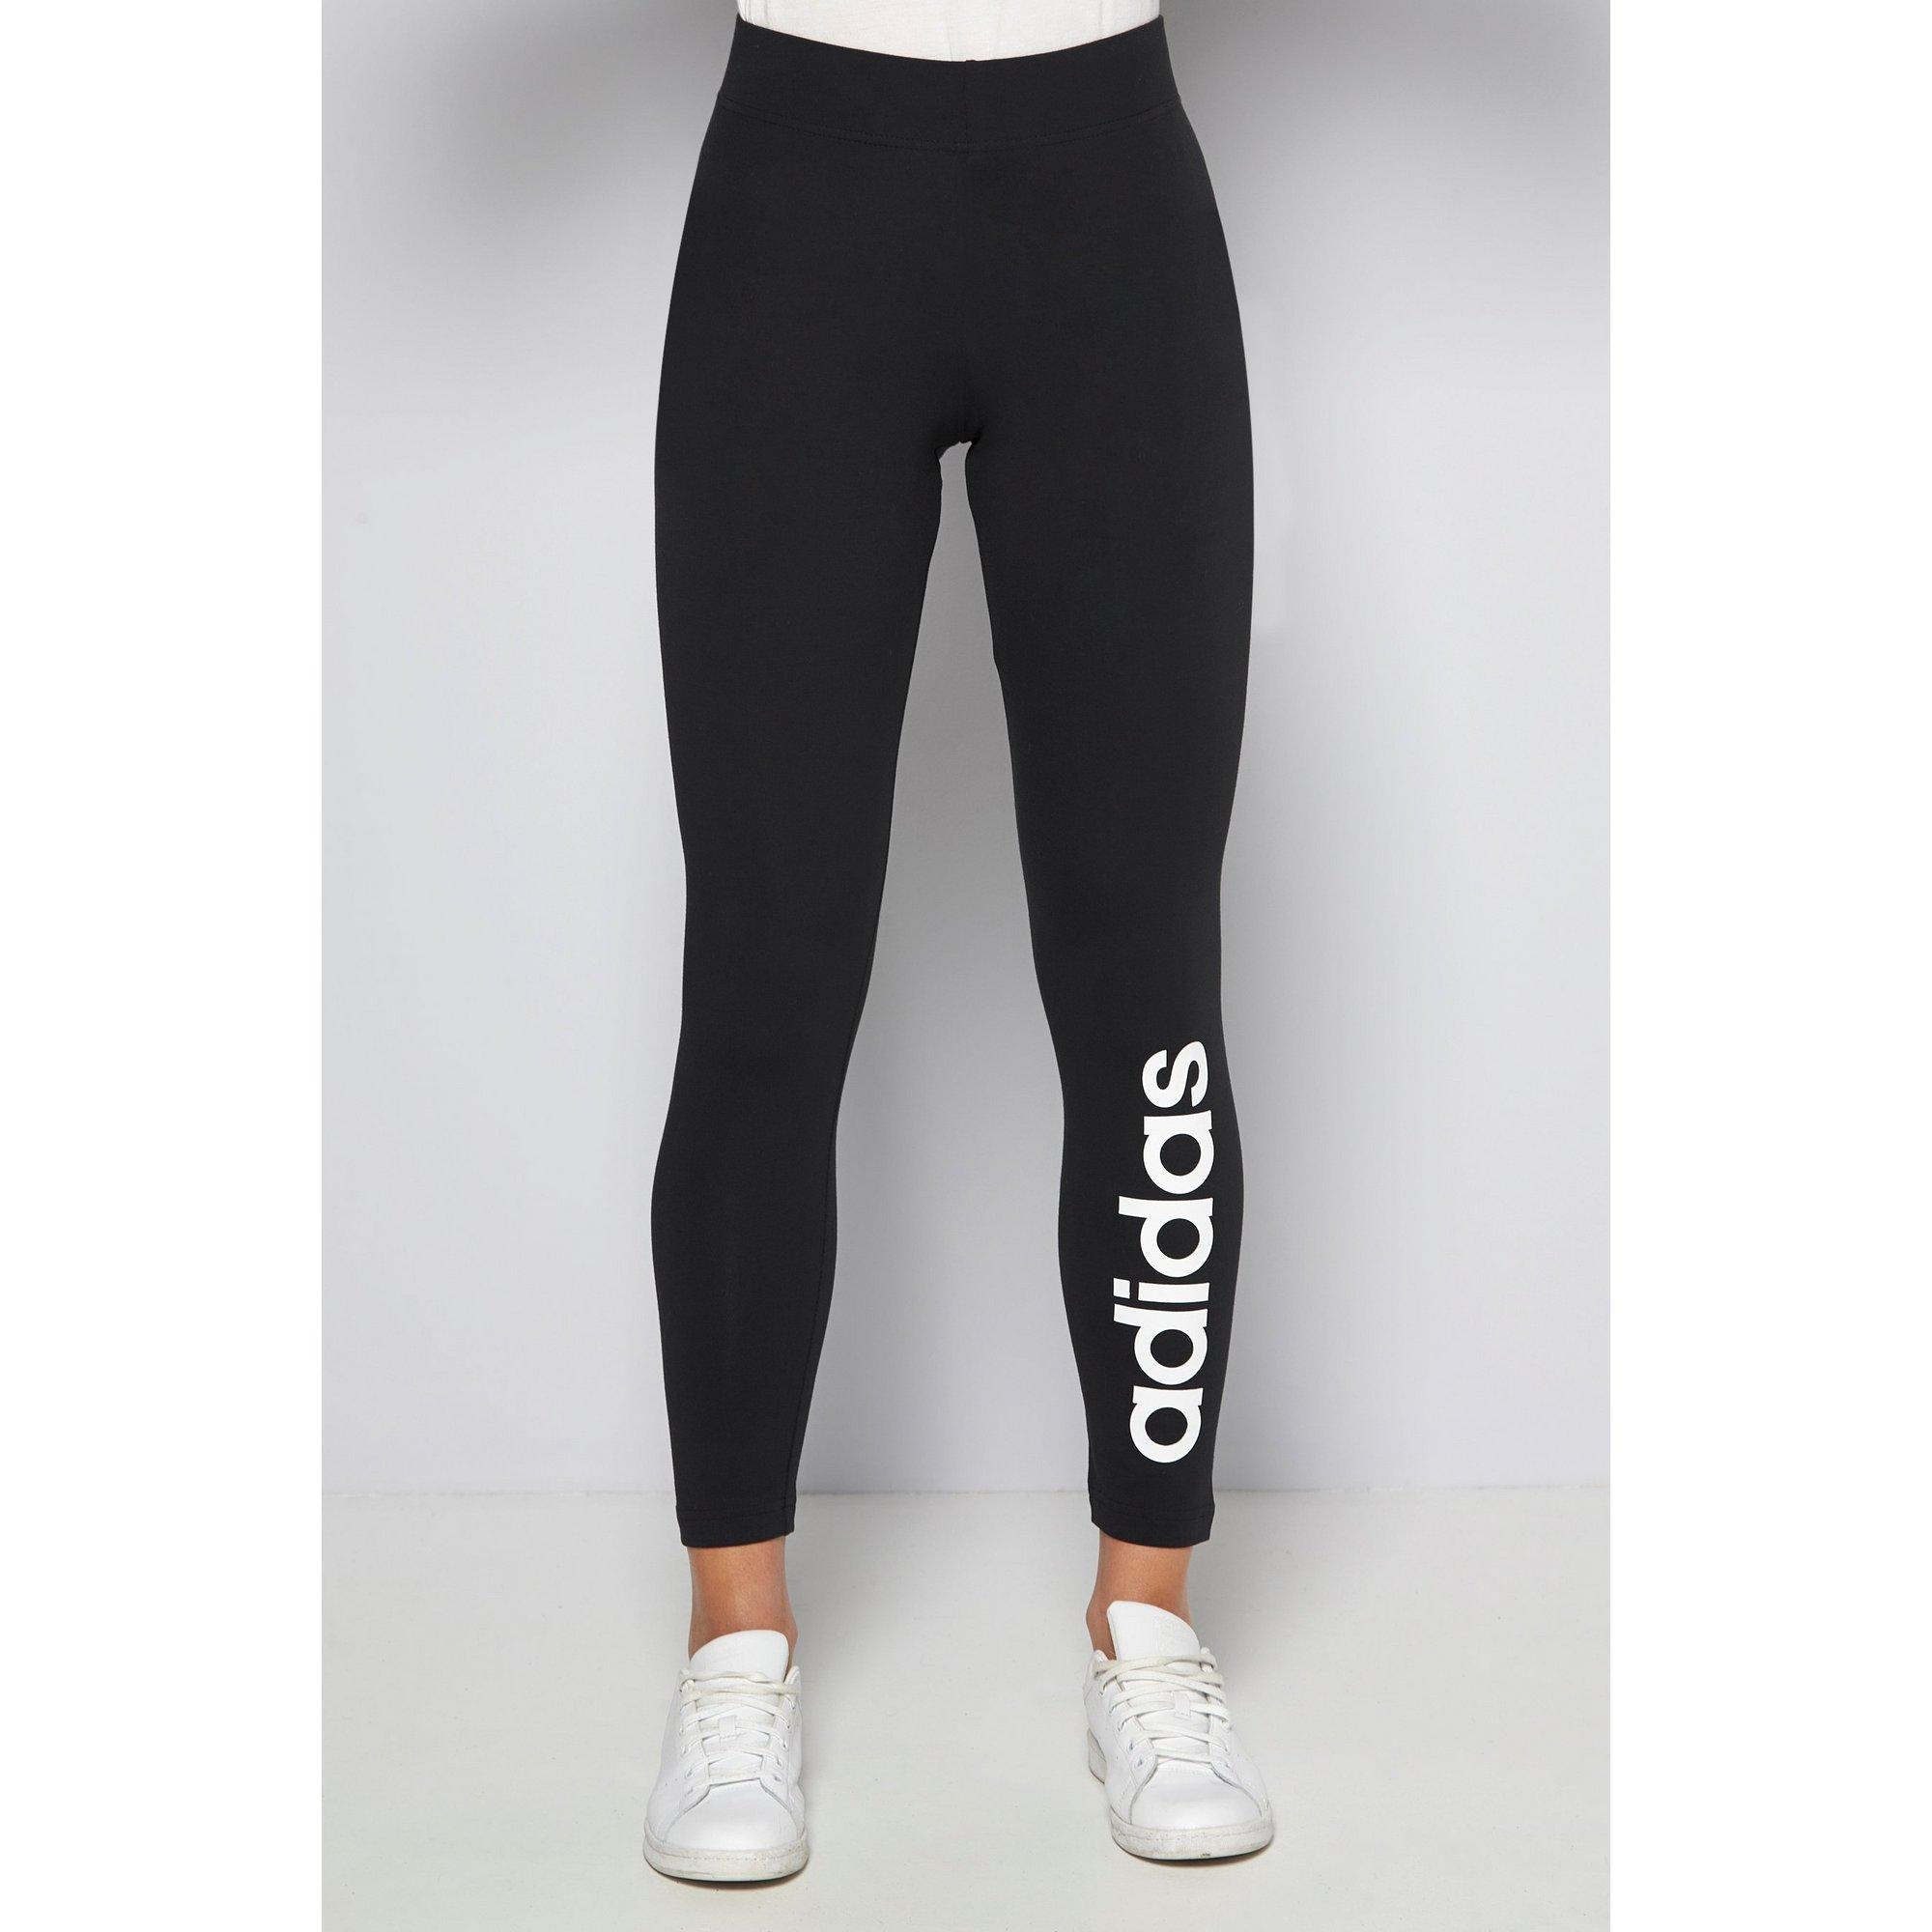 Image of adidas Essentials Core Training Black Leggings